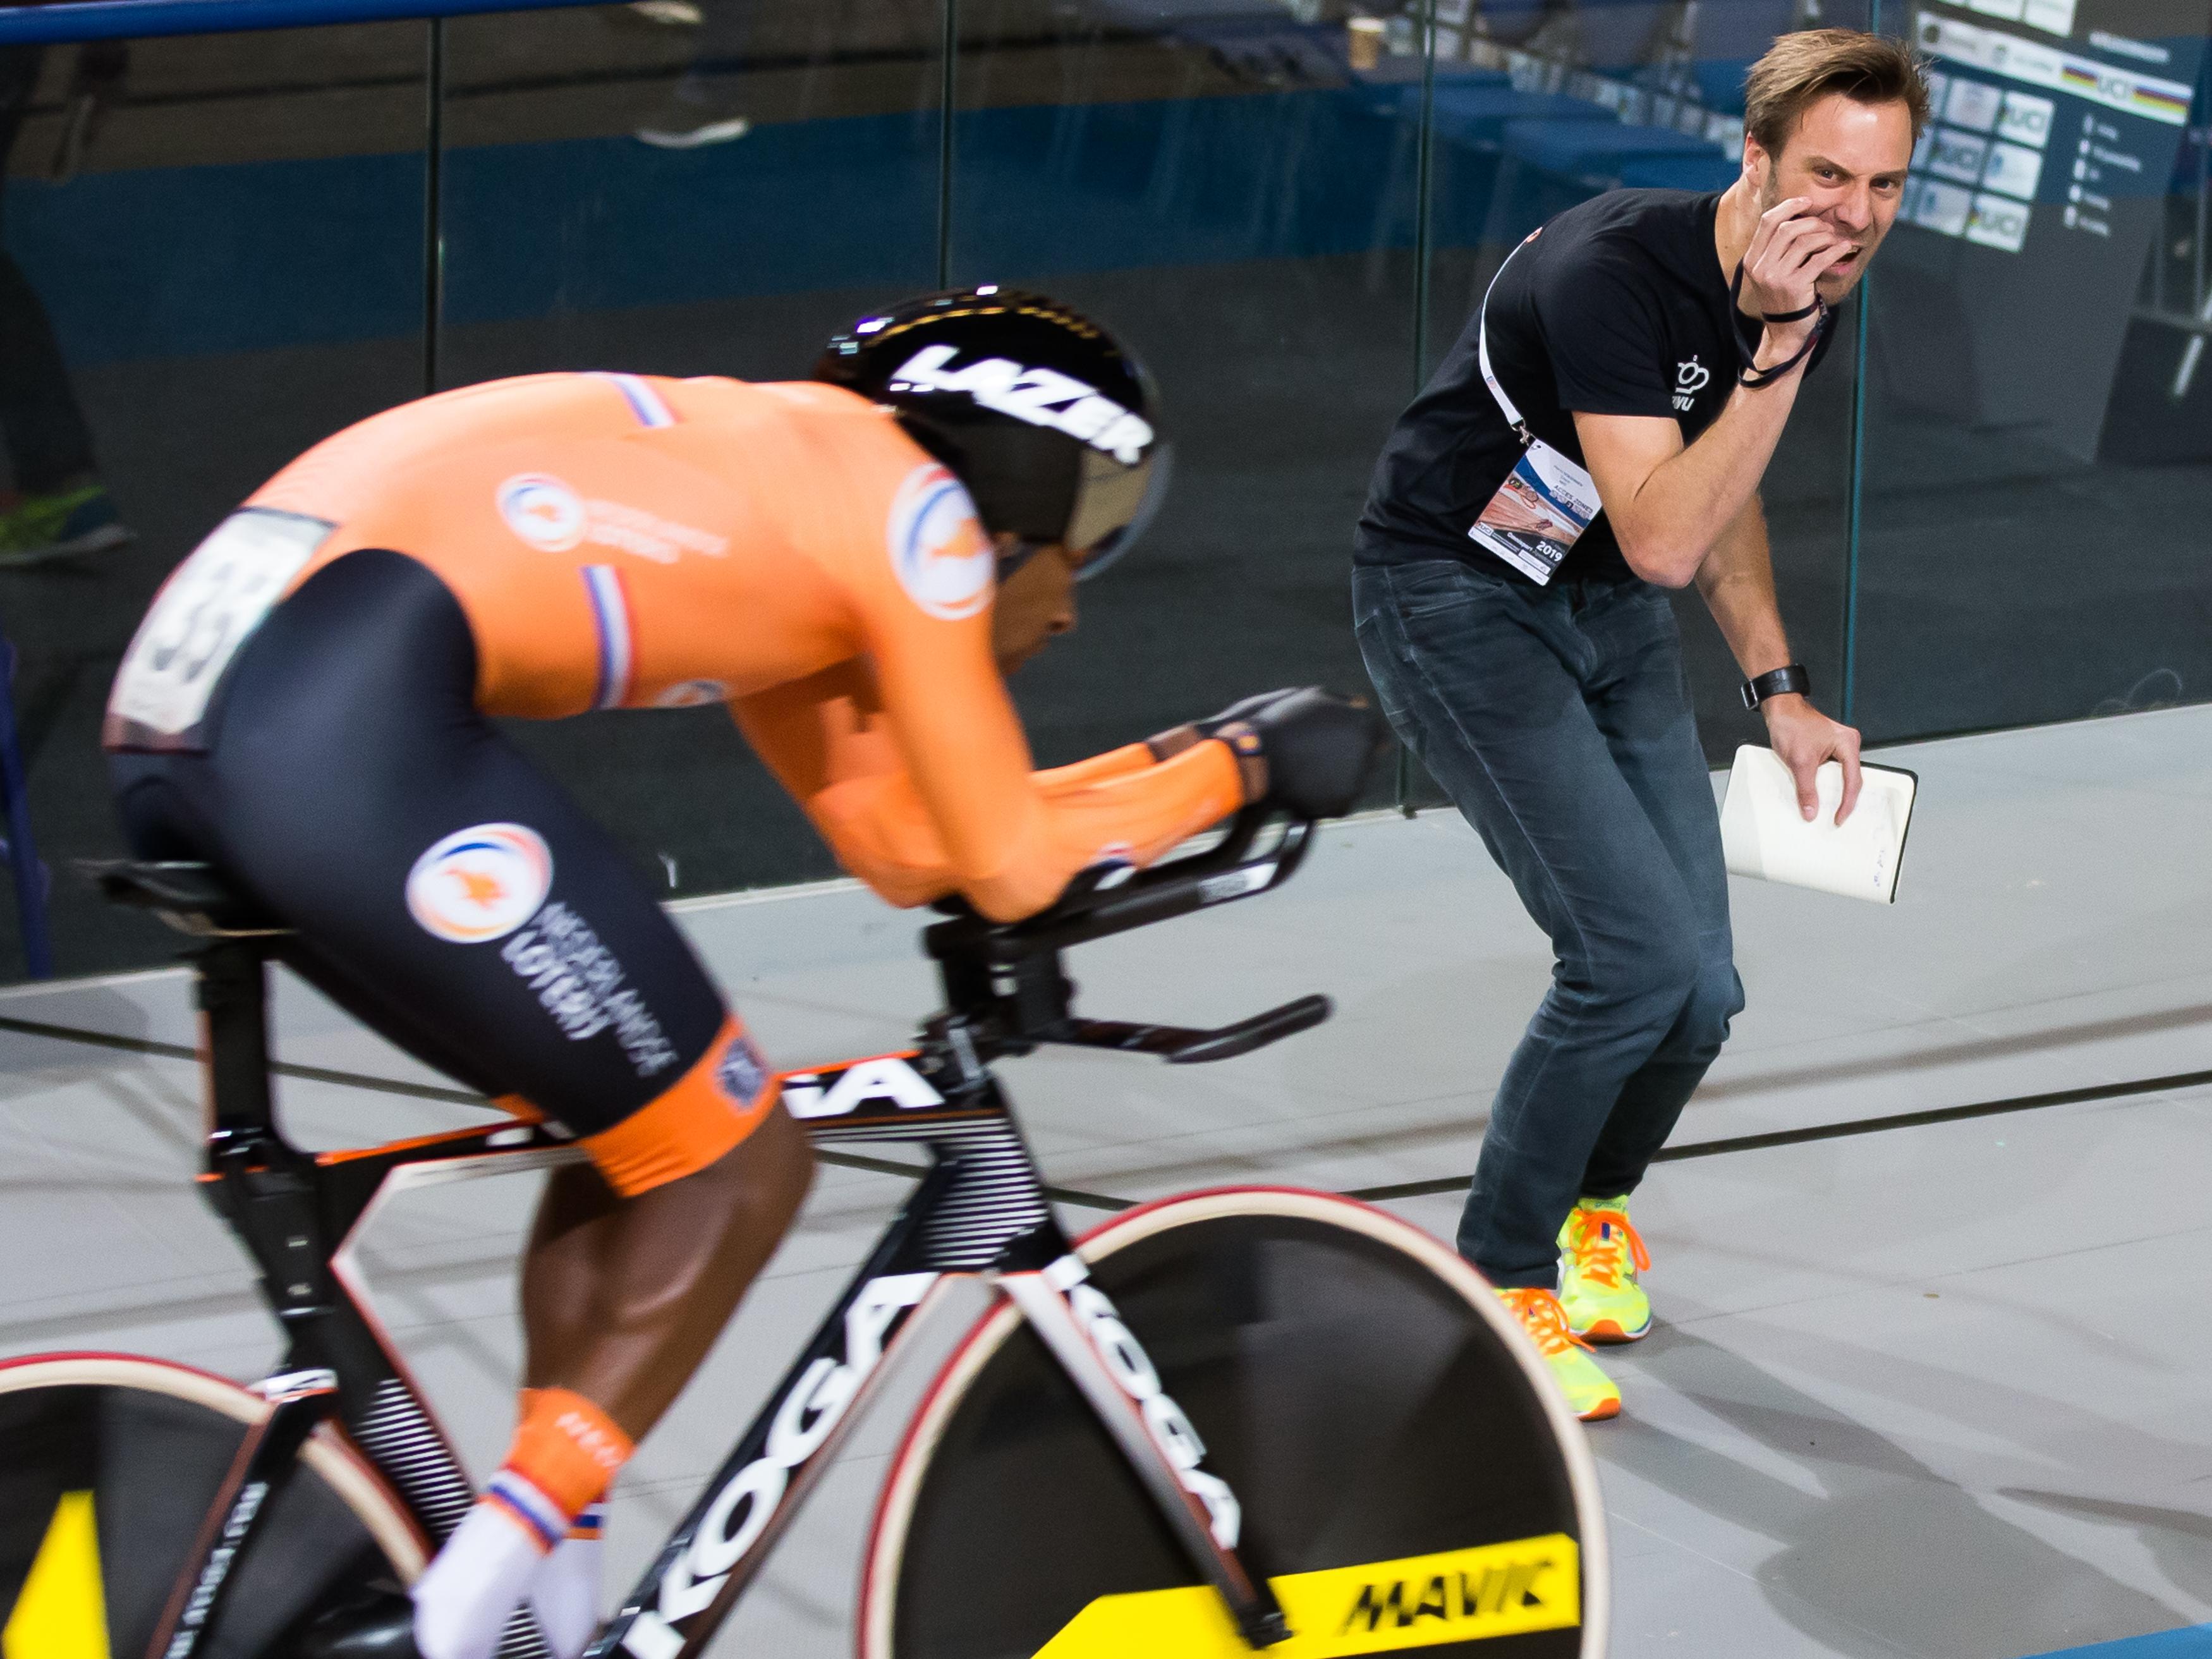 Zijn hang naar avontuur bracht wielrenner Floris Goesinnen in Australië. Daar gingen de oogkleppen af en fietste de Opperdoezer beter dan hier: 'Het valt alleen minder op als je dat doet in Taiwan of China'